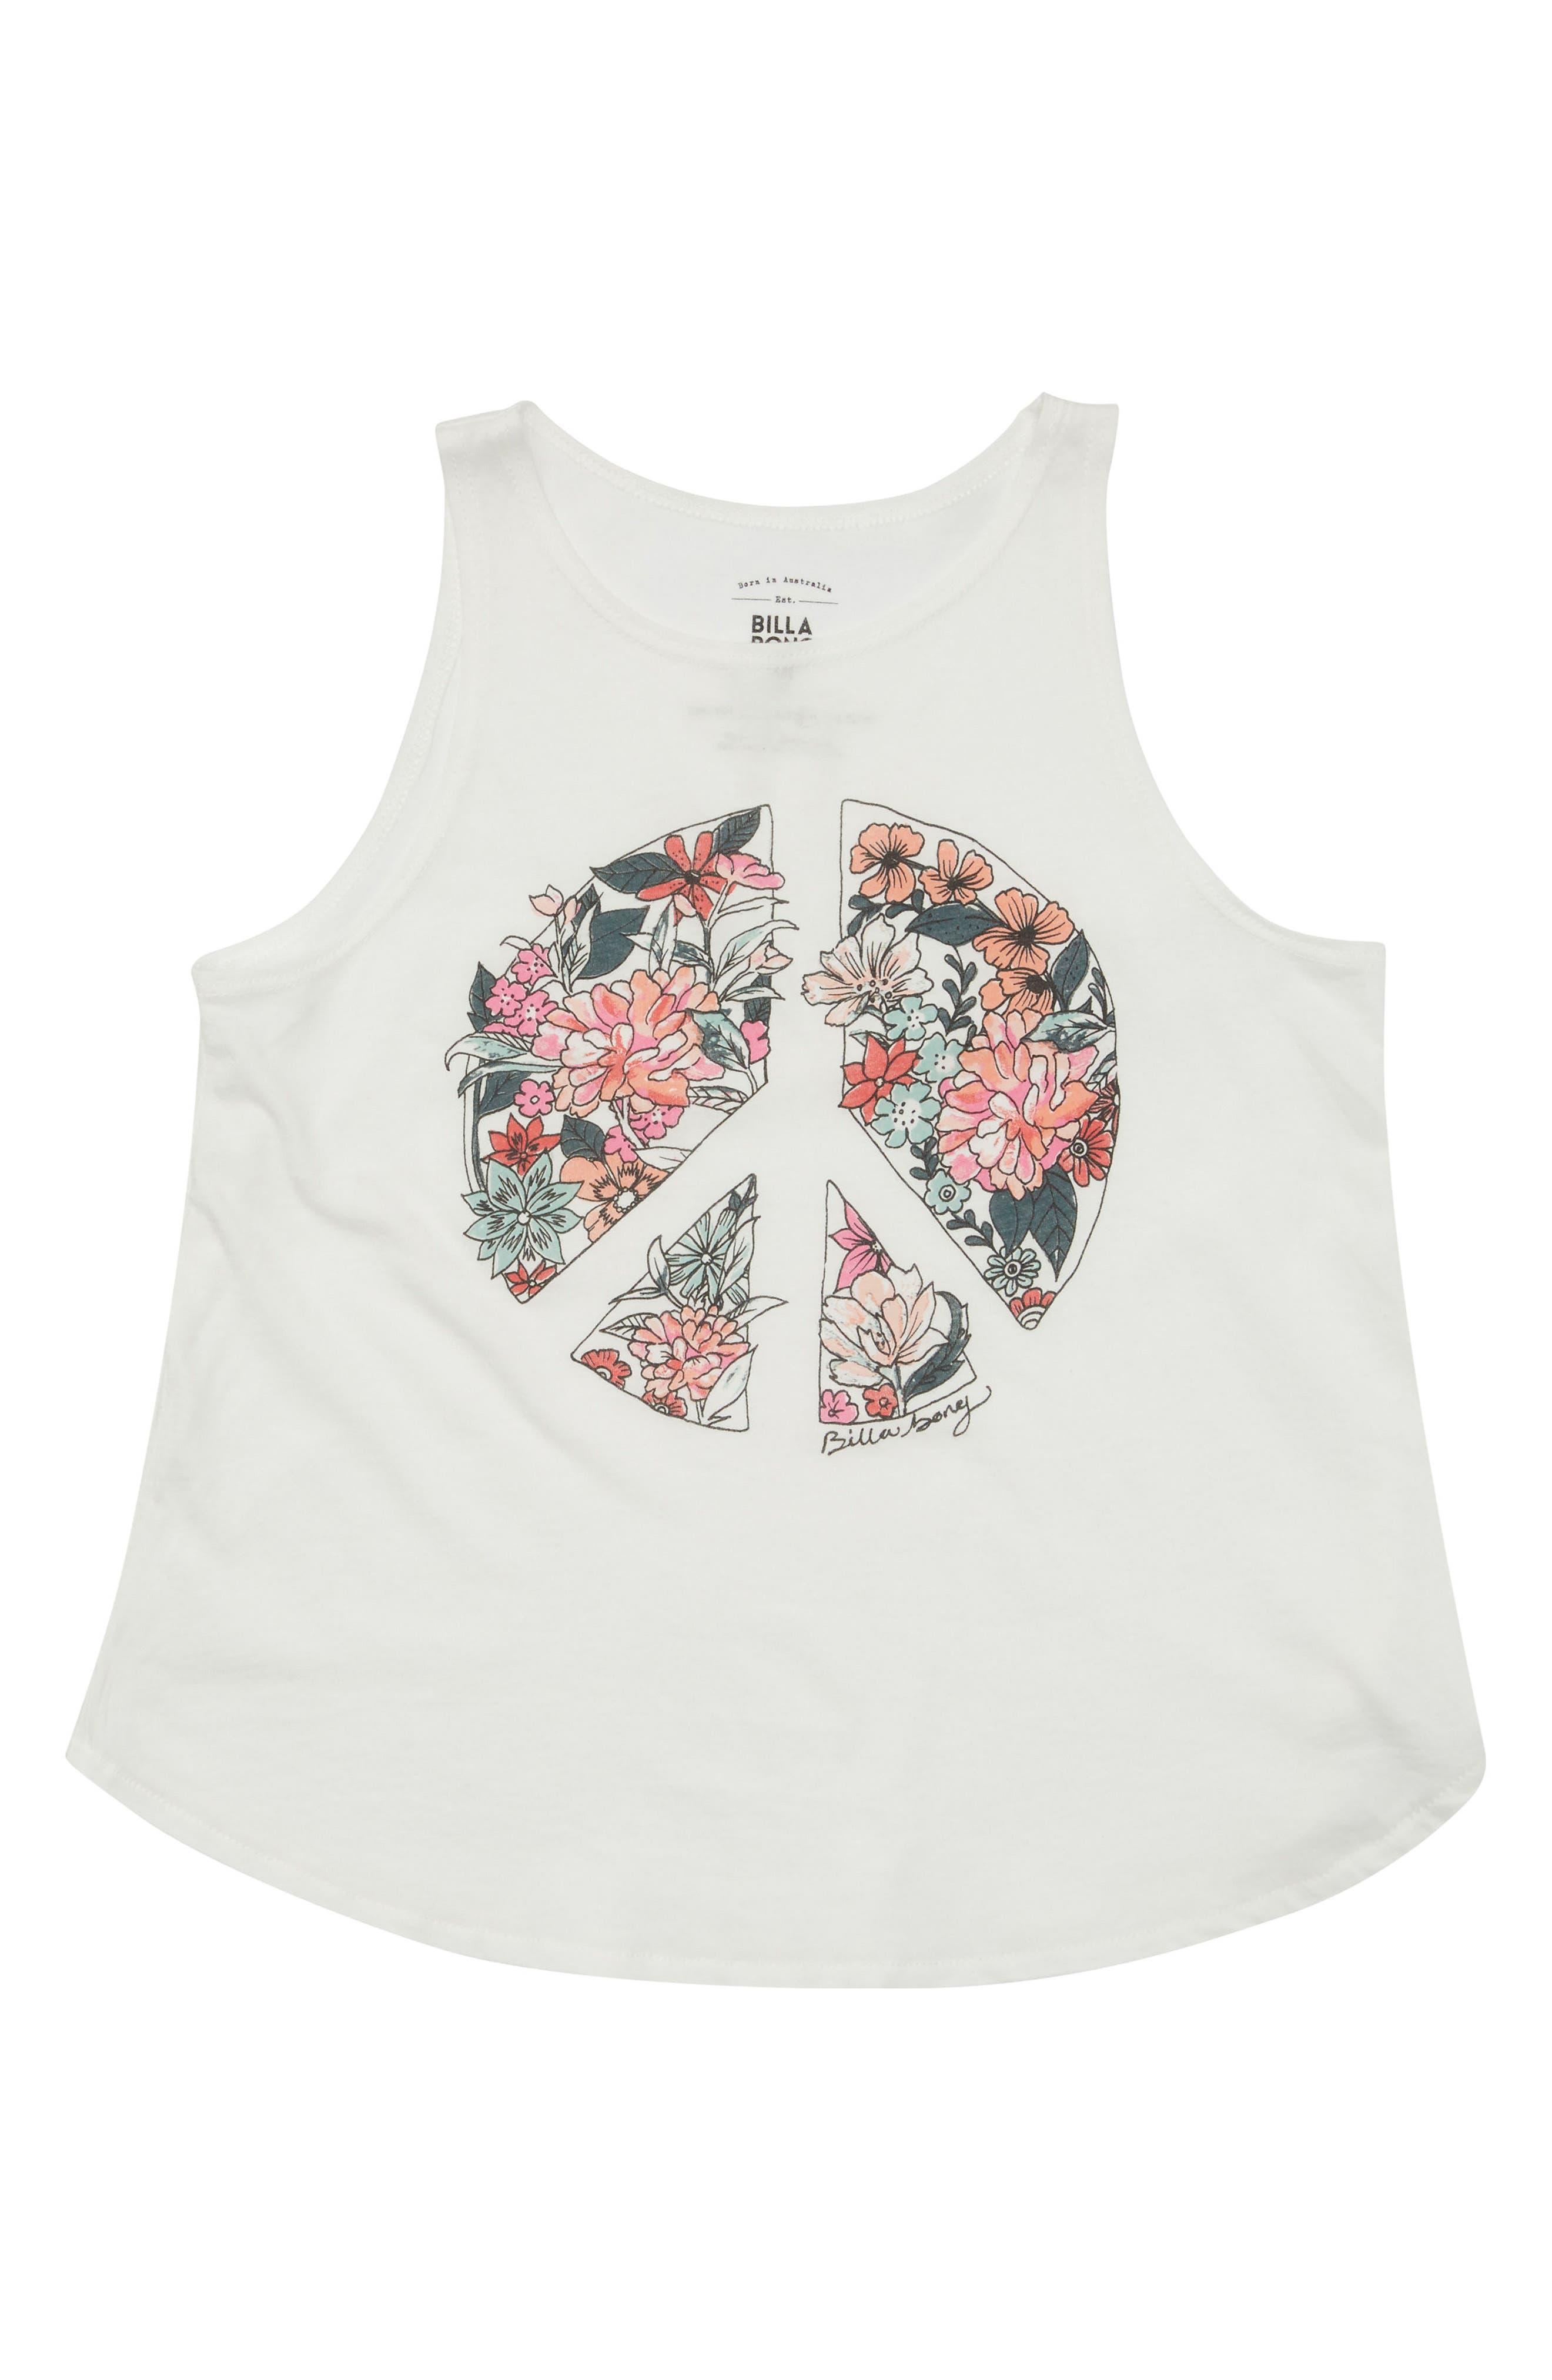 Billabong Flowers of Peace Graphic Print Tank (Little Girls & Big Girls)